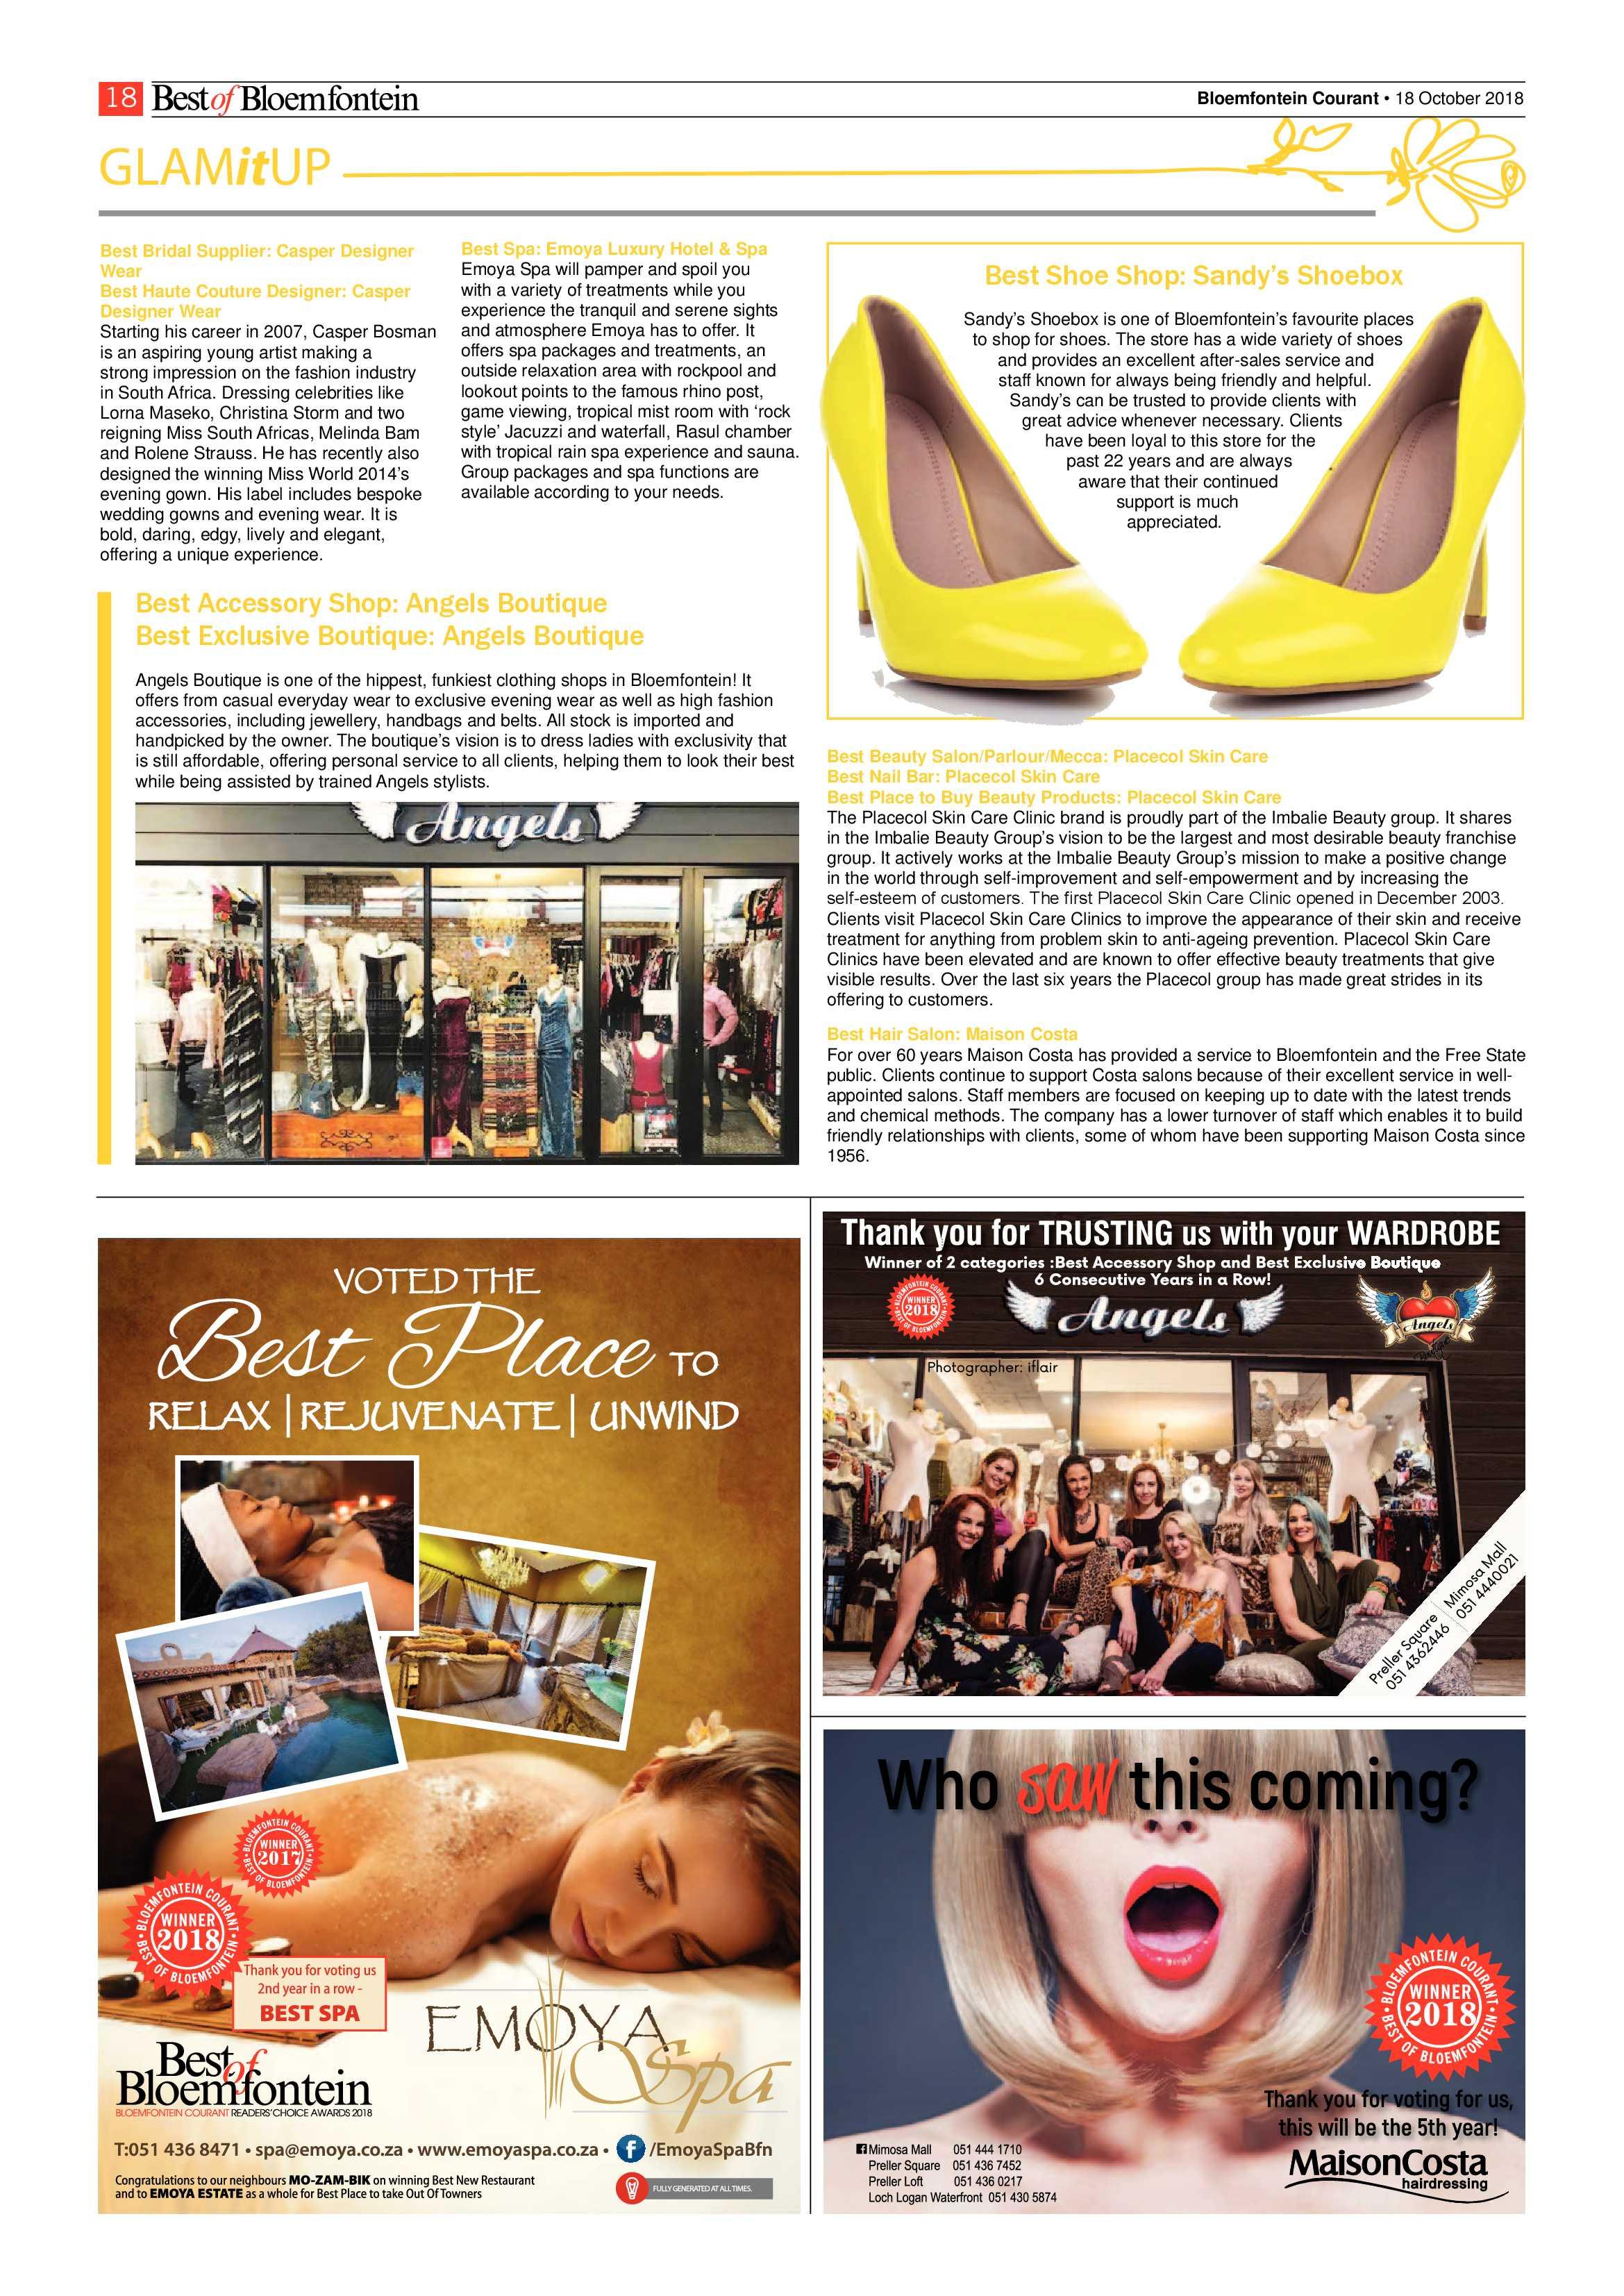 best-of-bloemfontein-2018-epapers-page-18